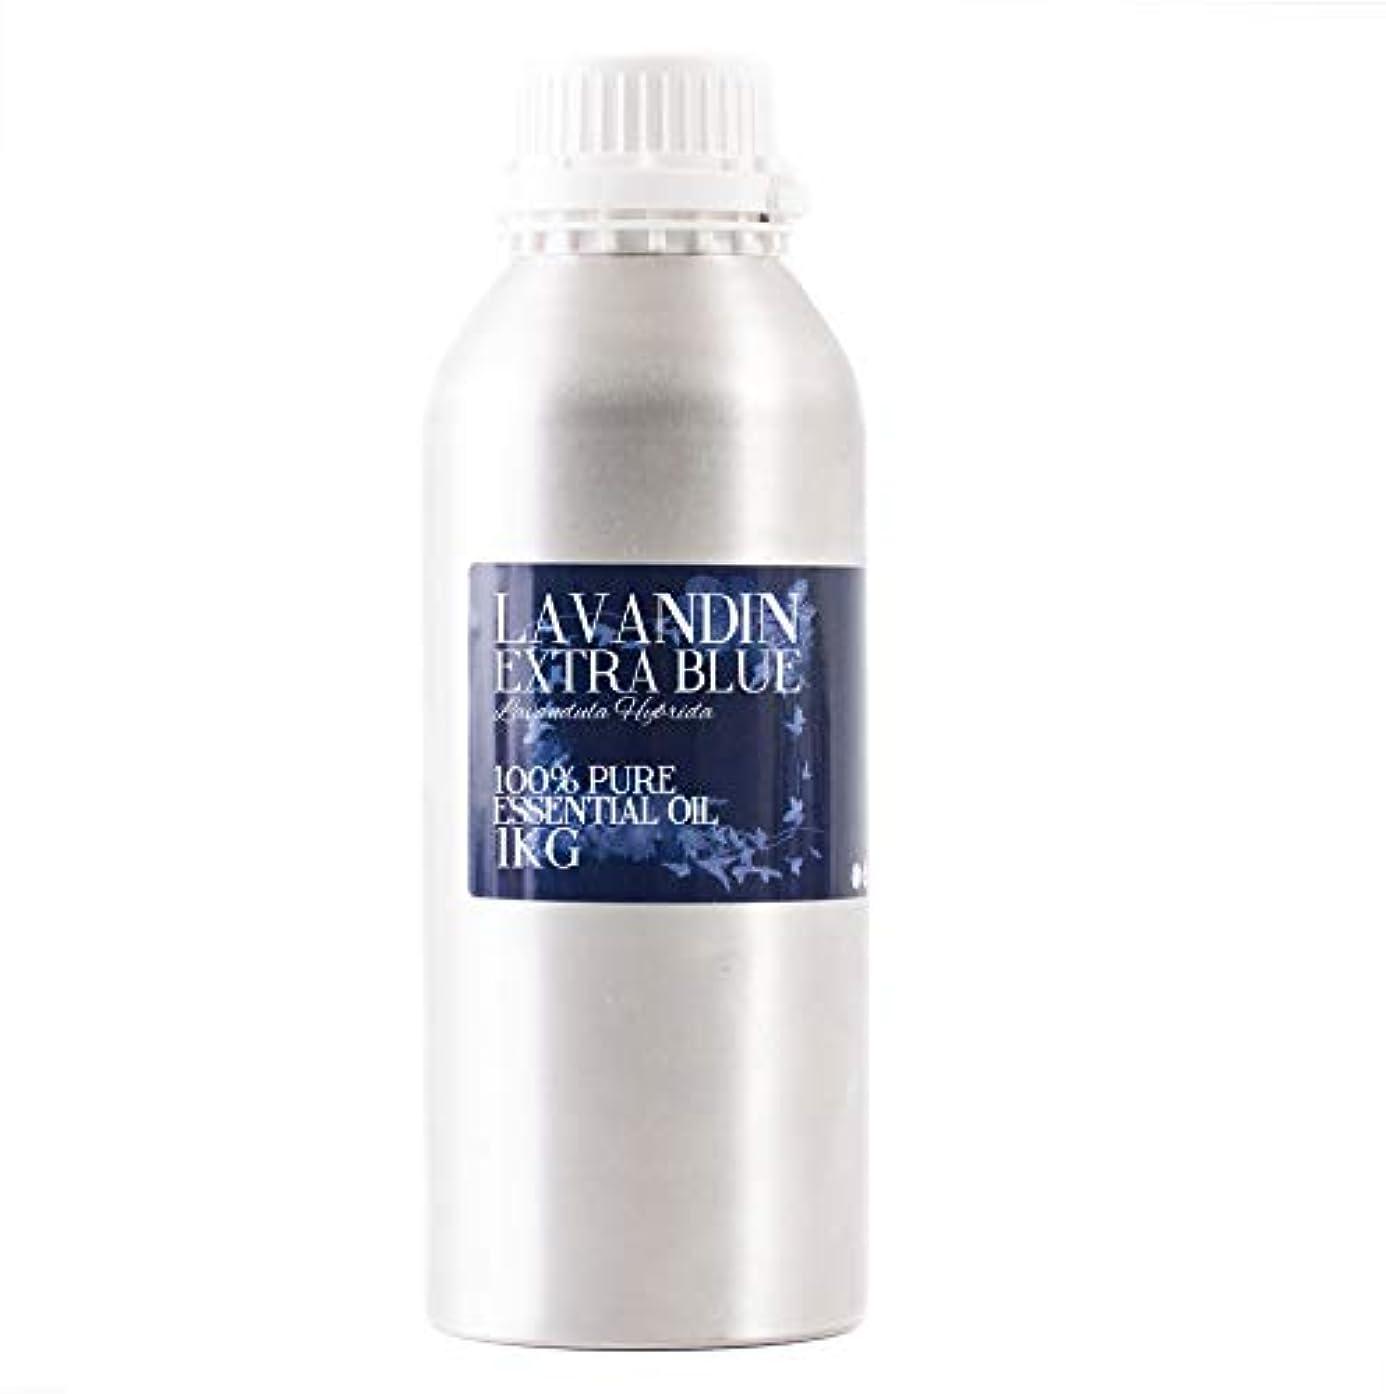 収入以内に把握Mystic Moments   Lavandin Extra Blue Essential Oil - 1Kg - 100% Pure